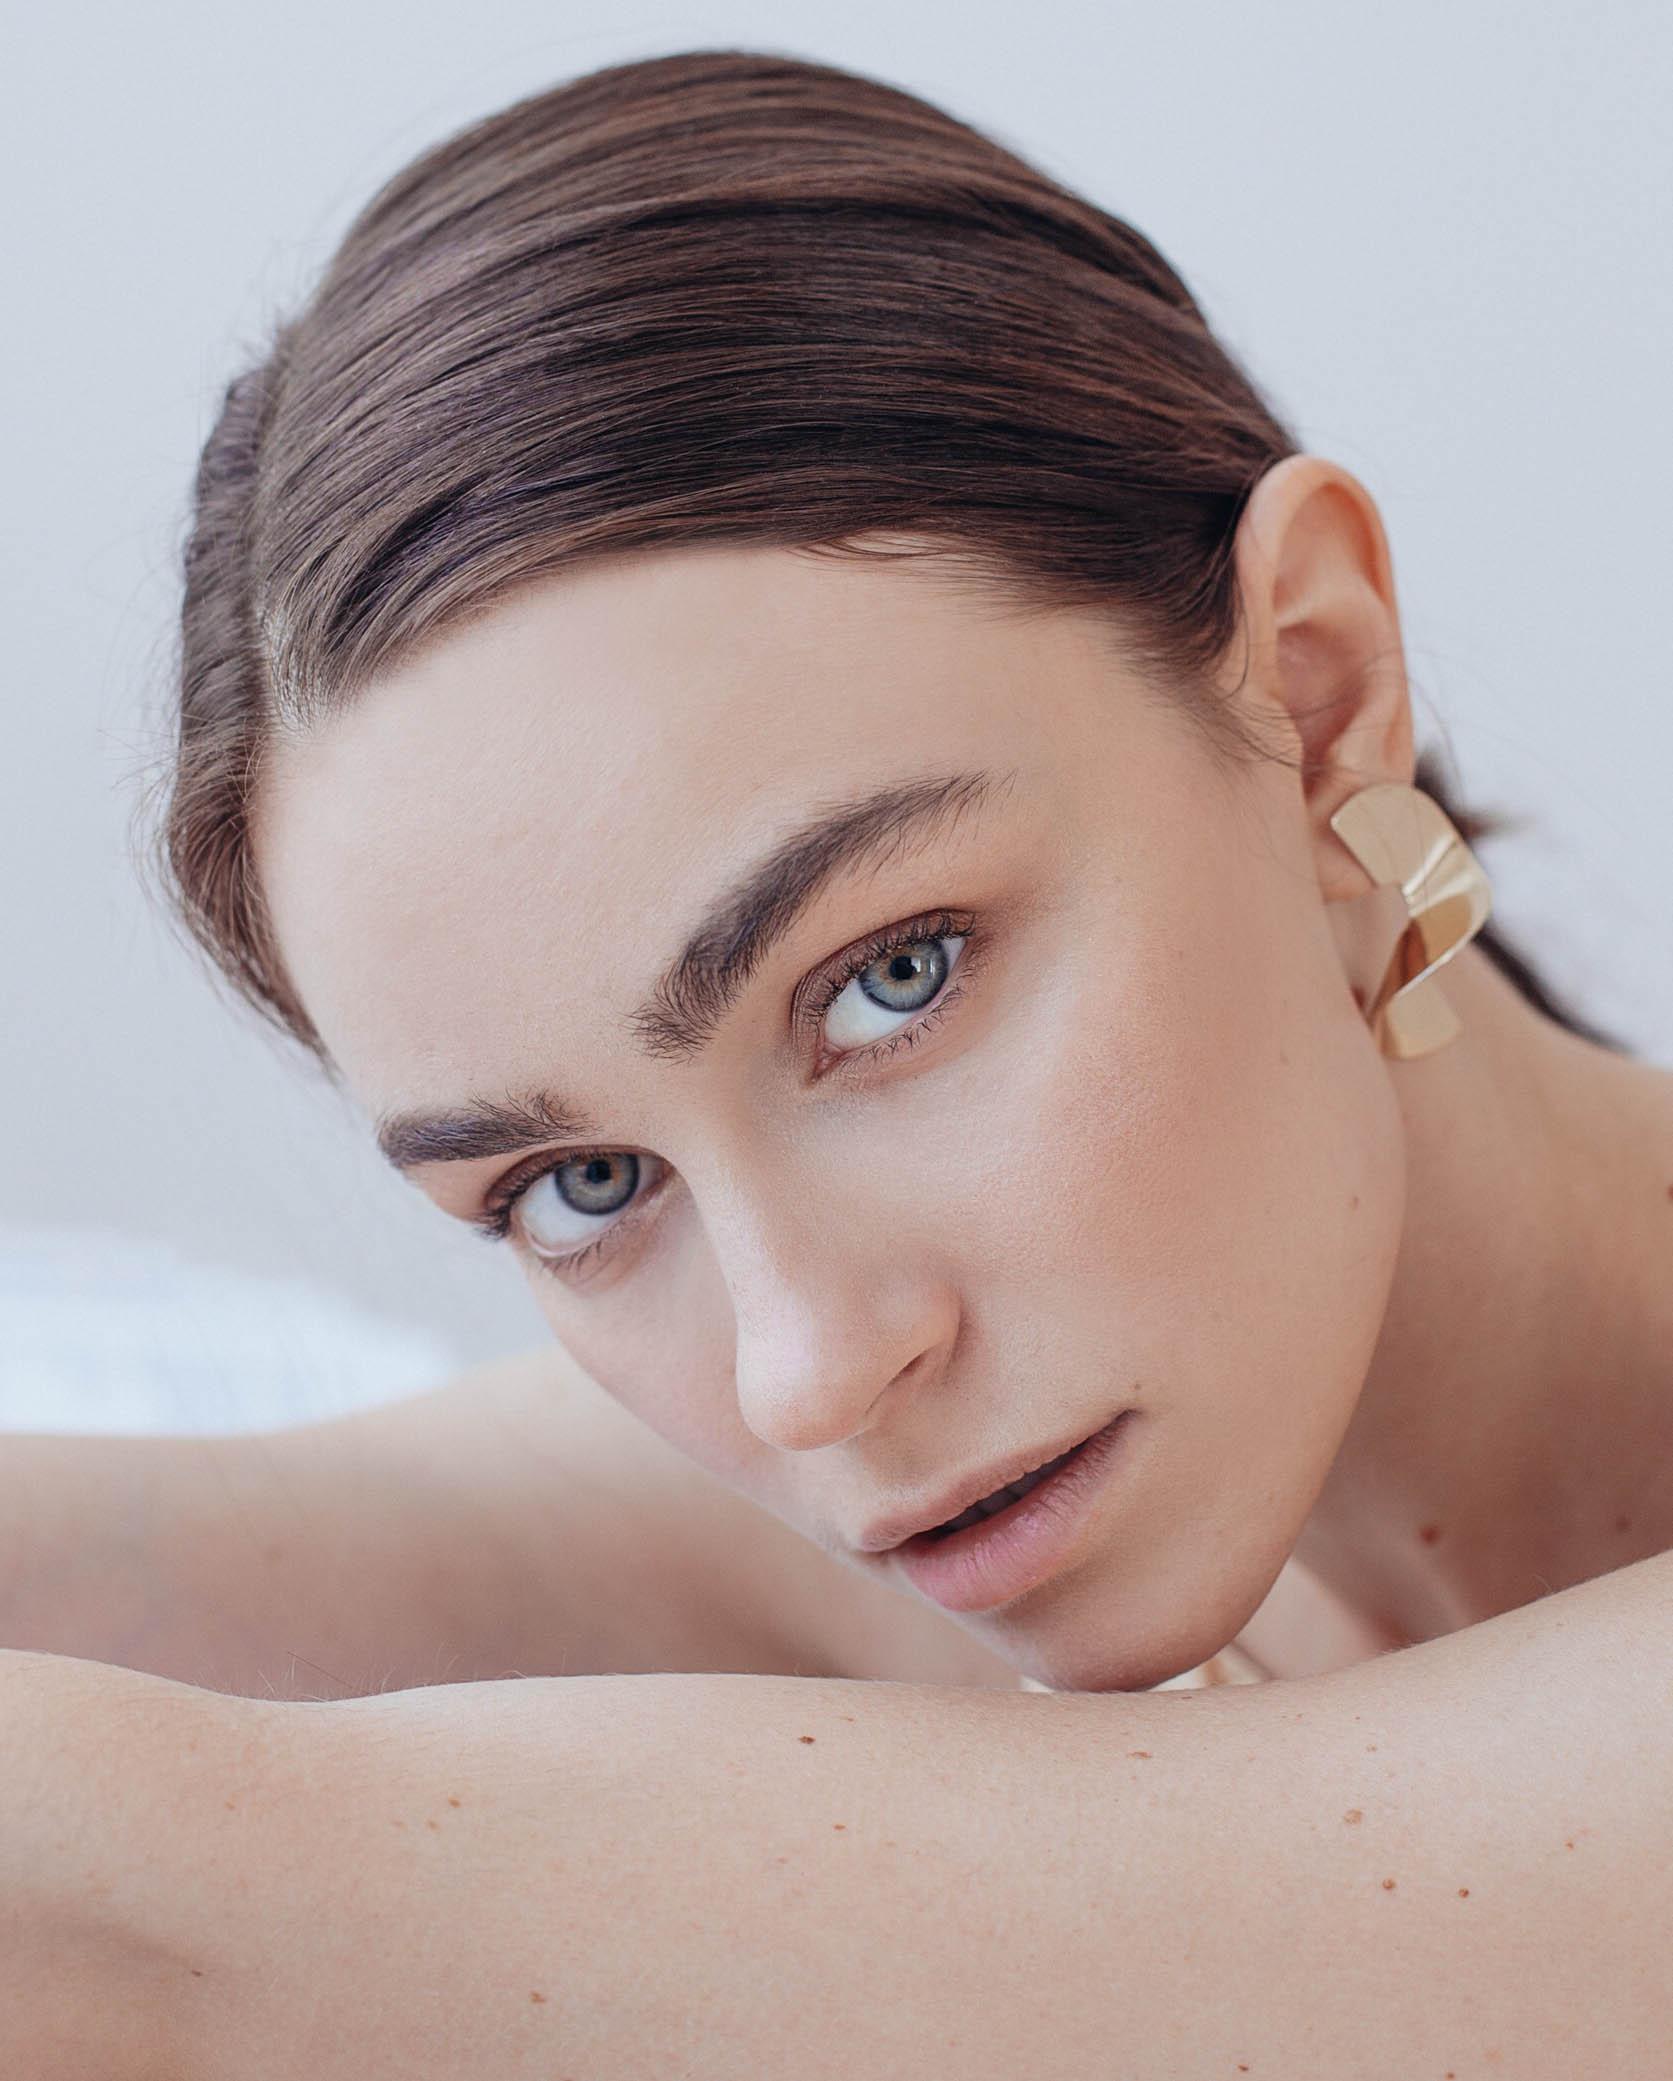 Ksenia T